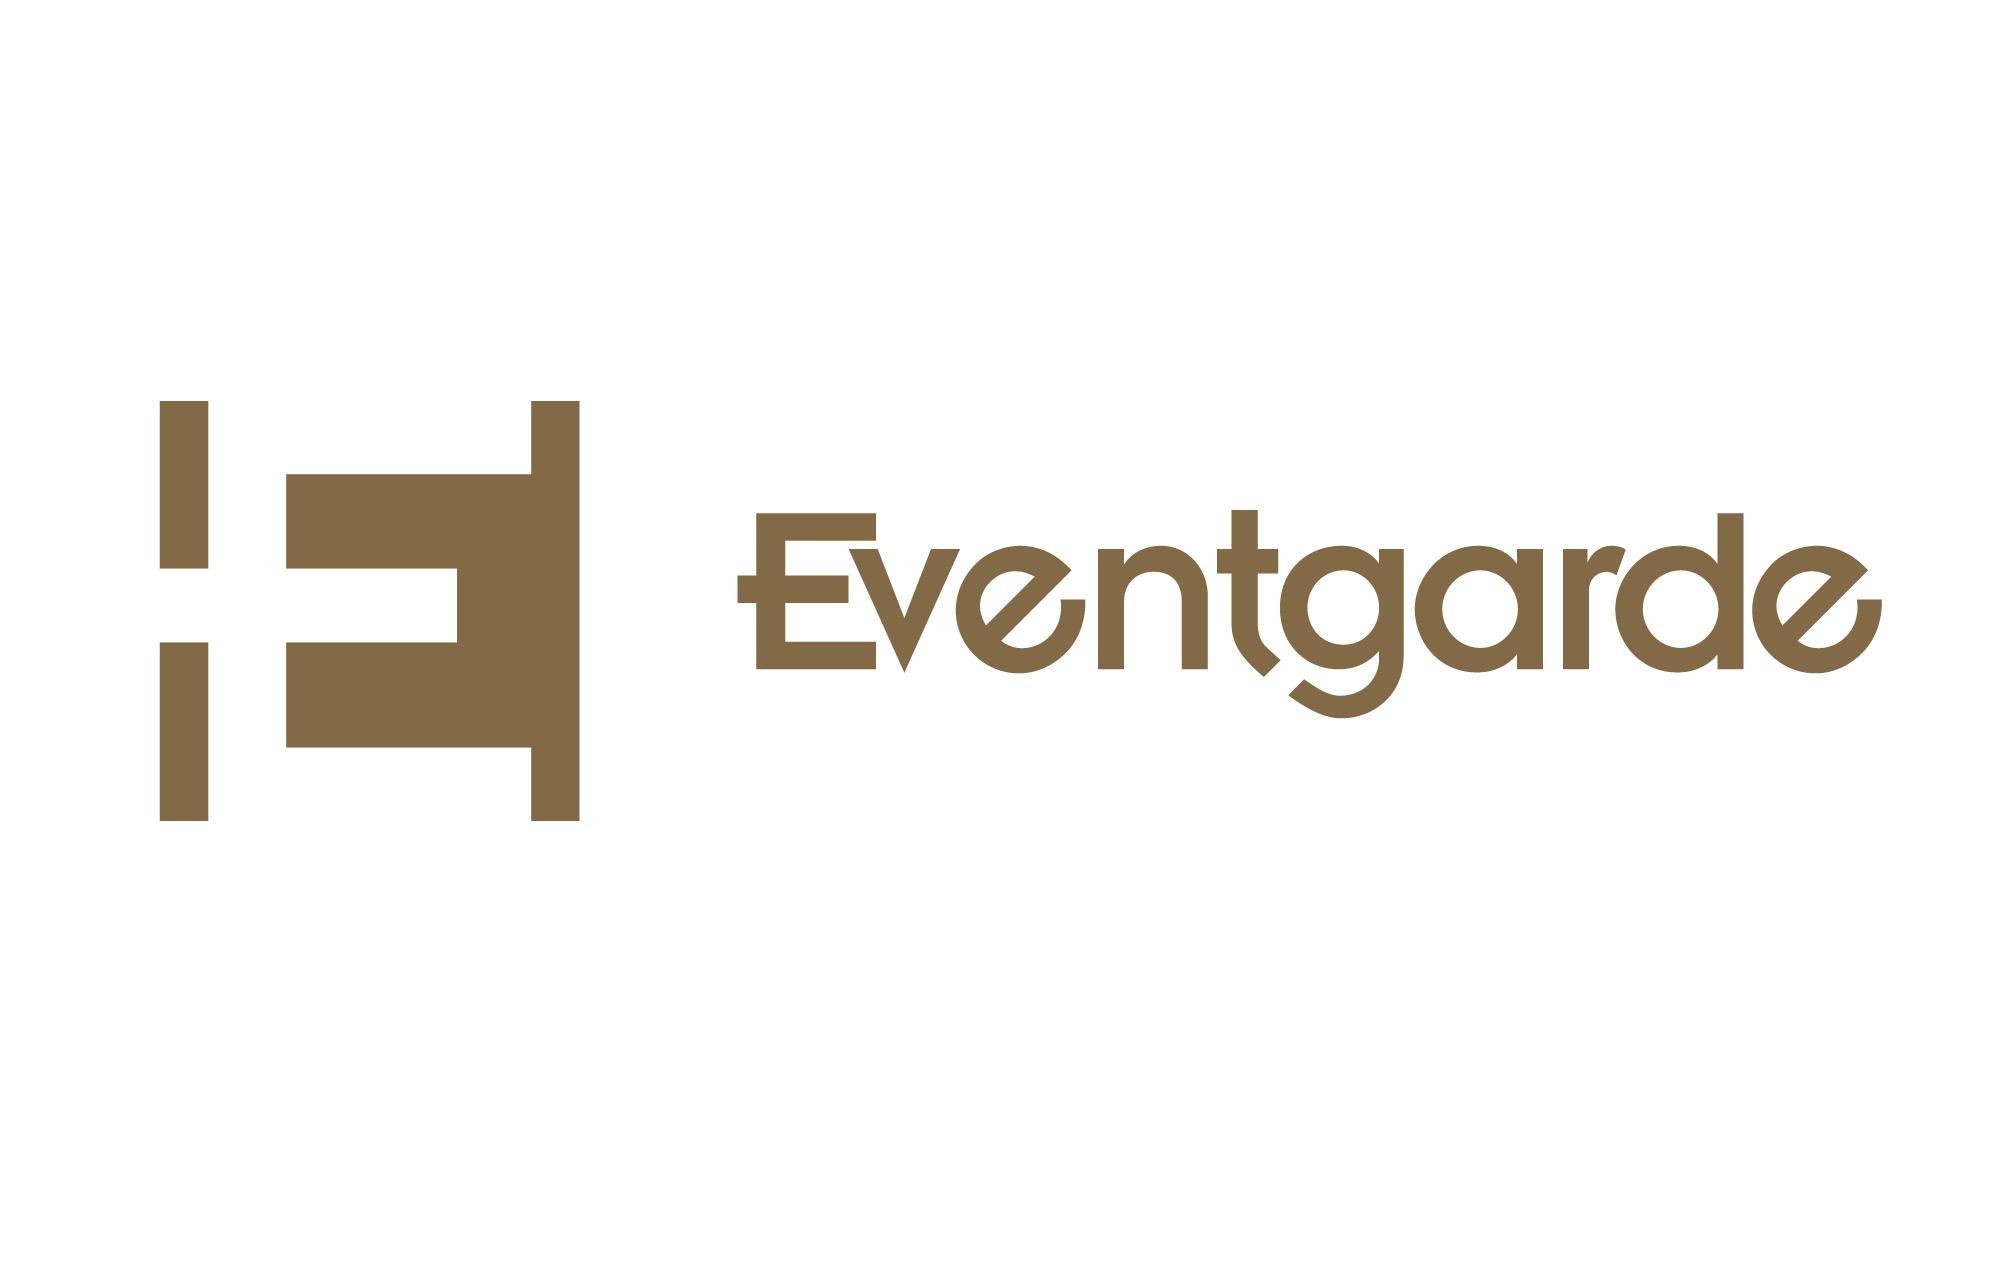 Logos1-03.png